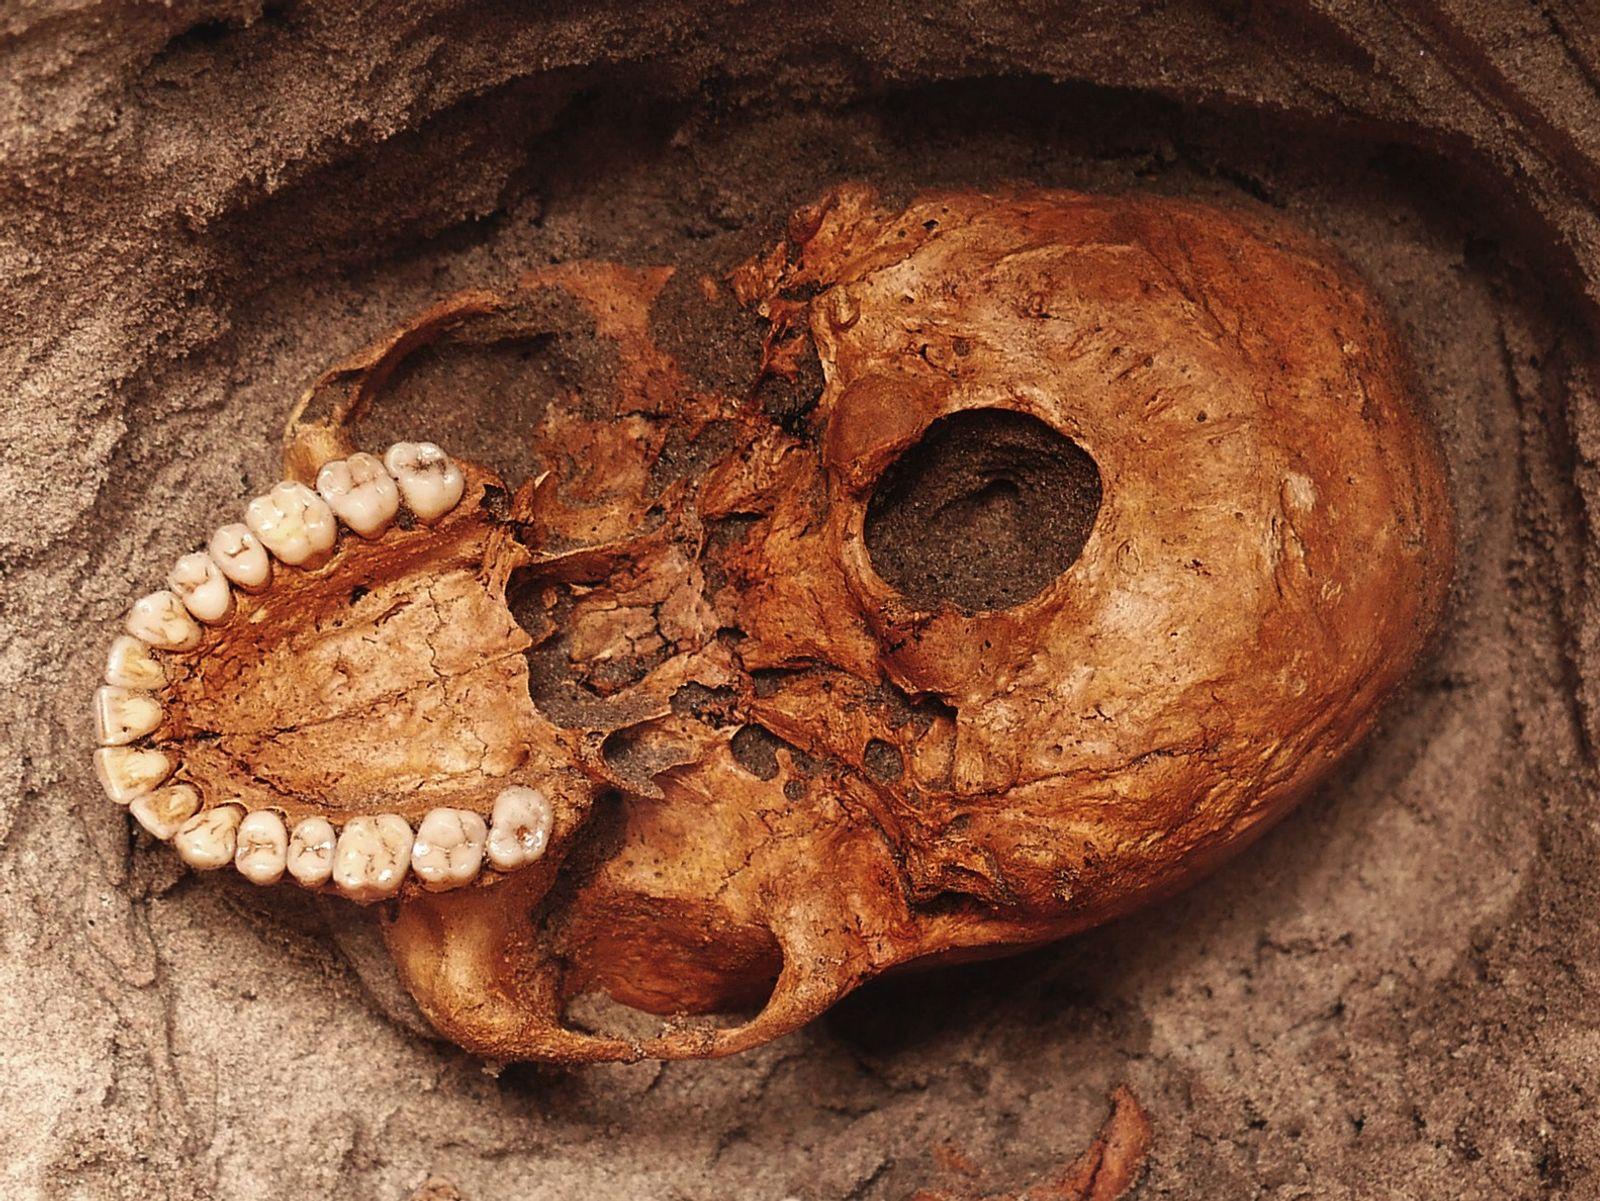 Découverte d'ossements humains vieux de 1 000 ans en Afrique de l'Est